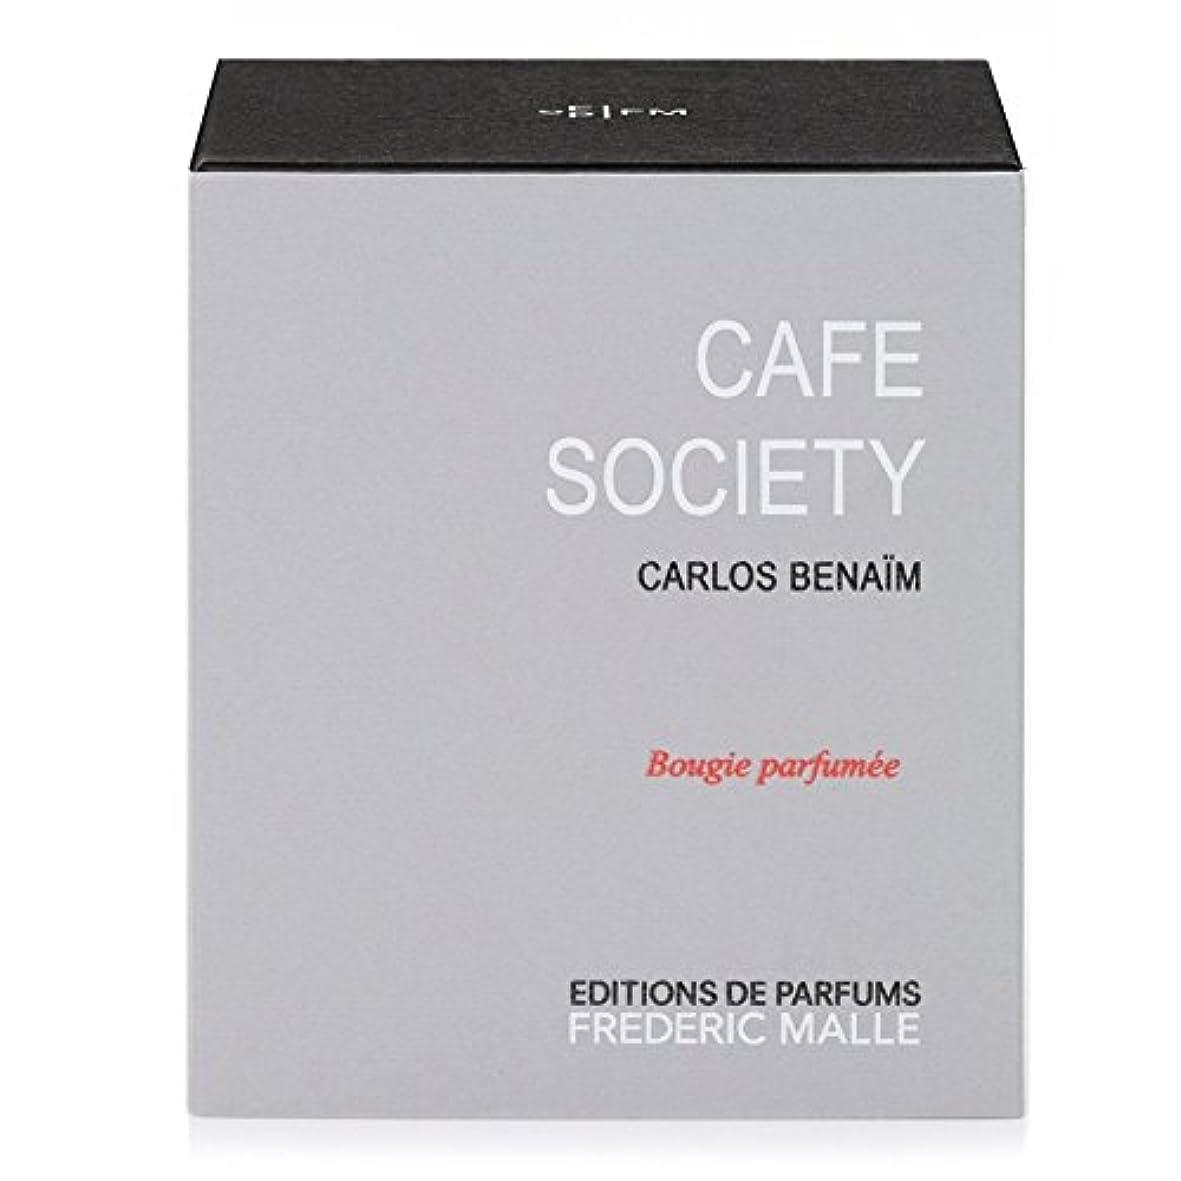 トン調停する冒険Frederic Malle Cafe Society Scented Candle 220g (Pack of 4) - フレデリック?マルカフェ社会の香りのキャンドル220グラム x4 [並行輸入品]